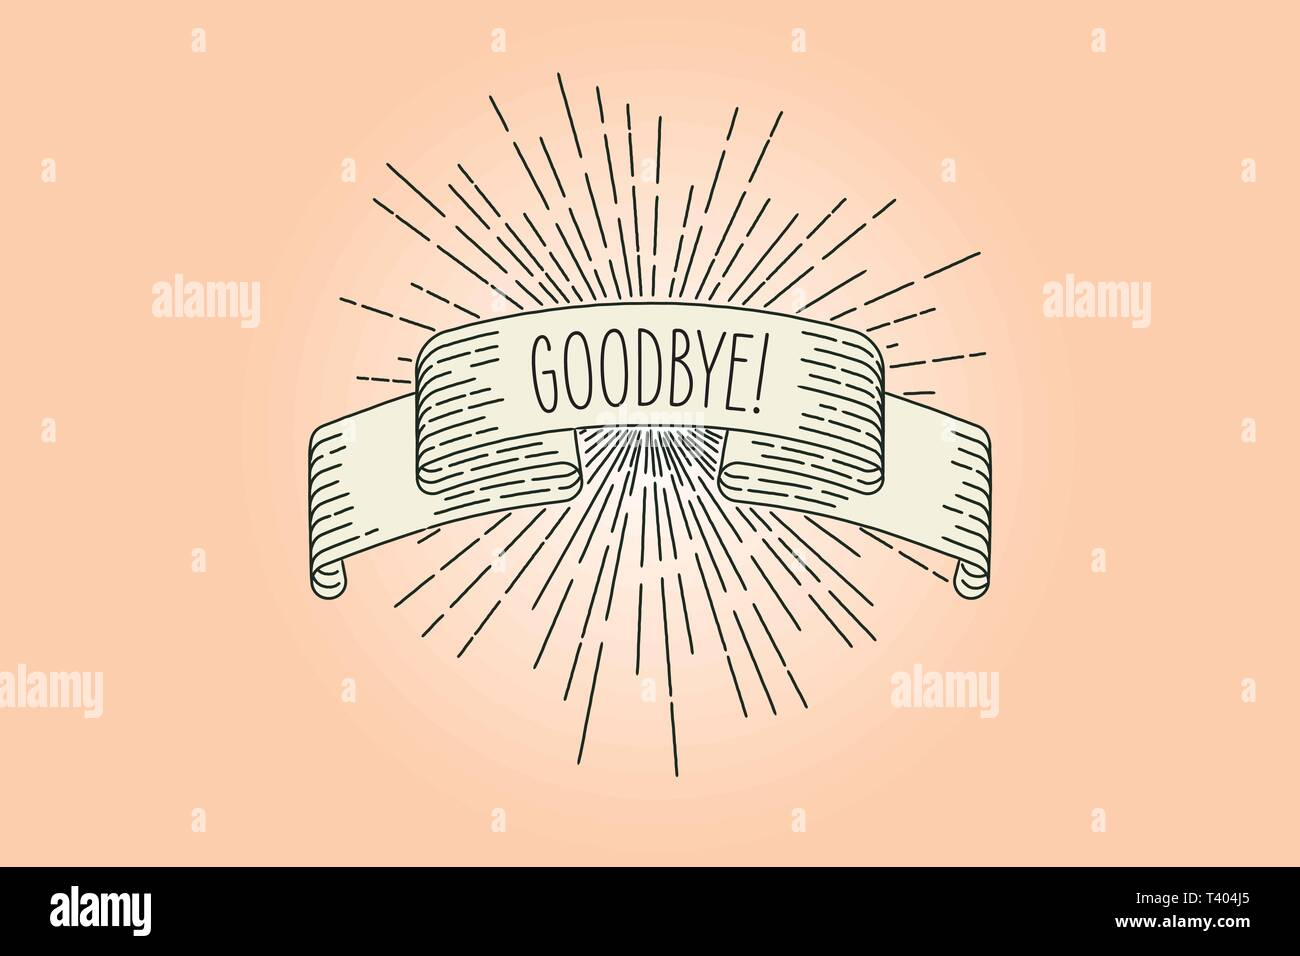 Adiós banner. Tarjeta de felicitación de banner de cinta de despedida en vintage mirar con palabra adiós, grabado estilo gráfico. Elemento de diseño retro. Vector Illustra Imagen De Stock